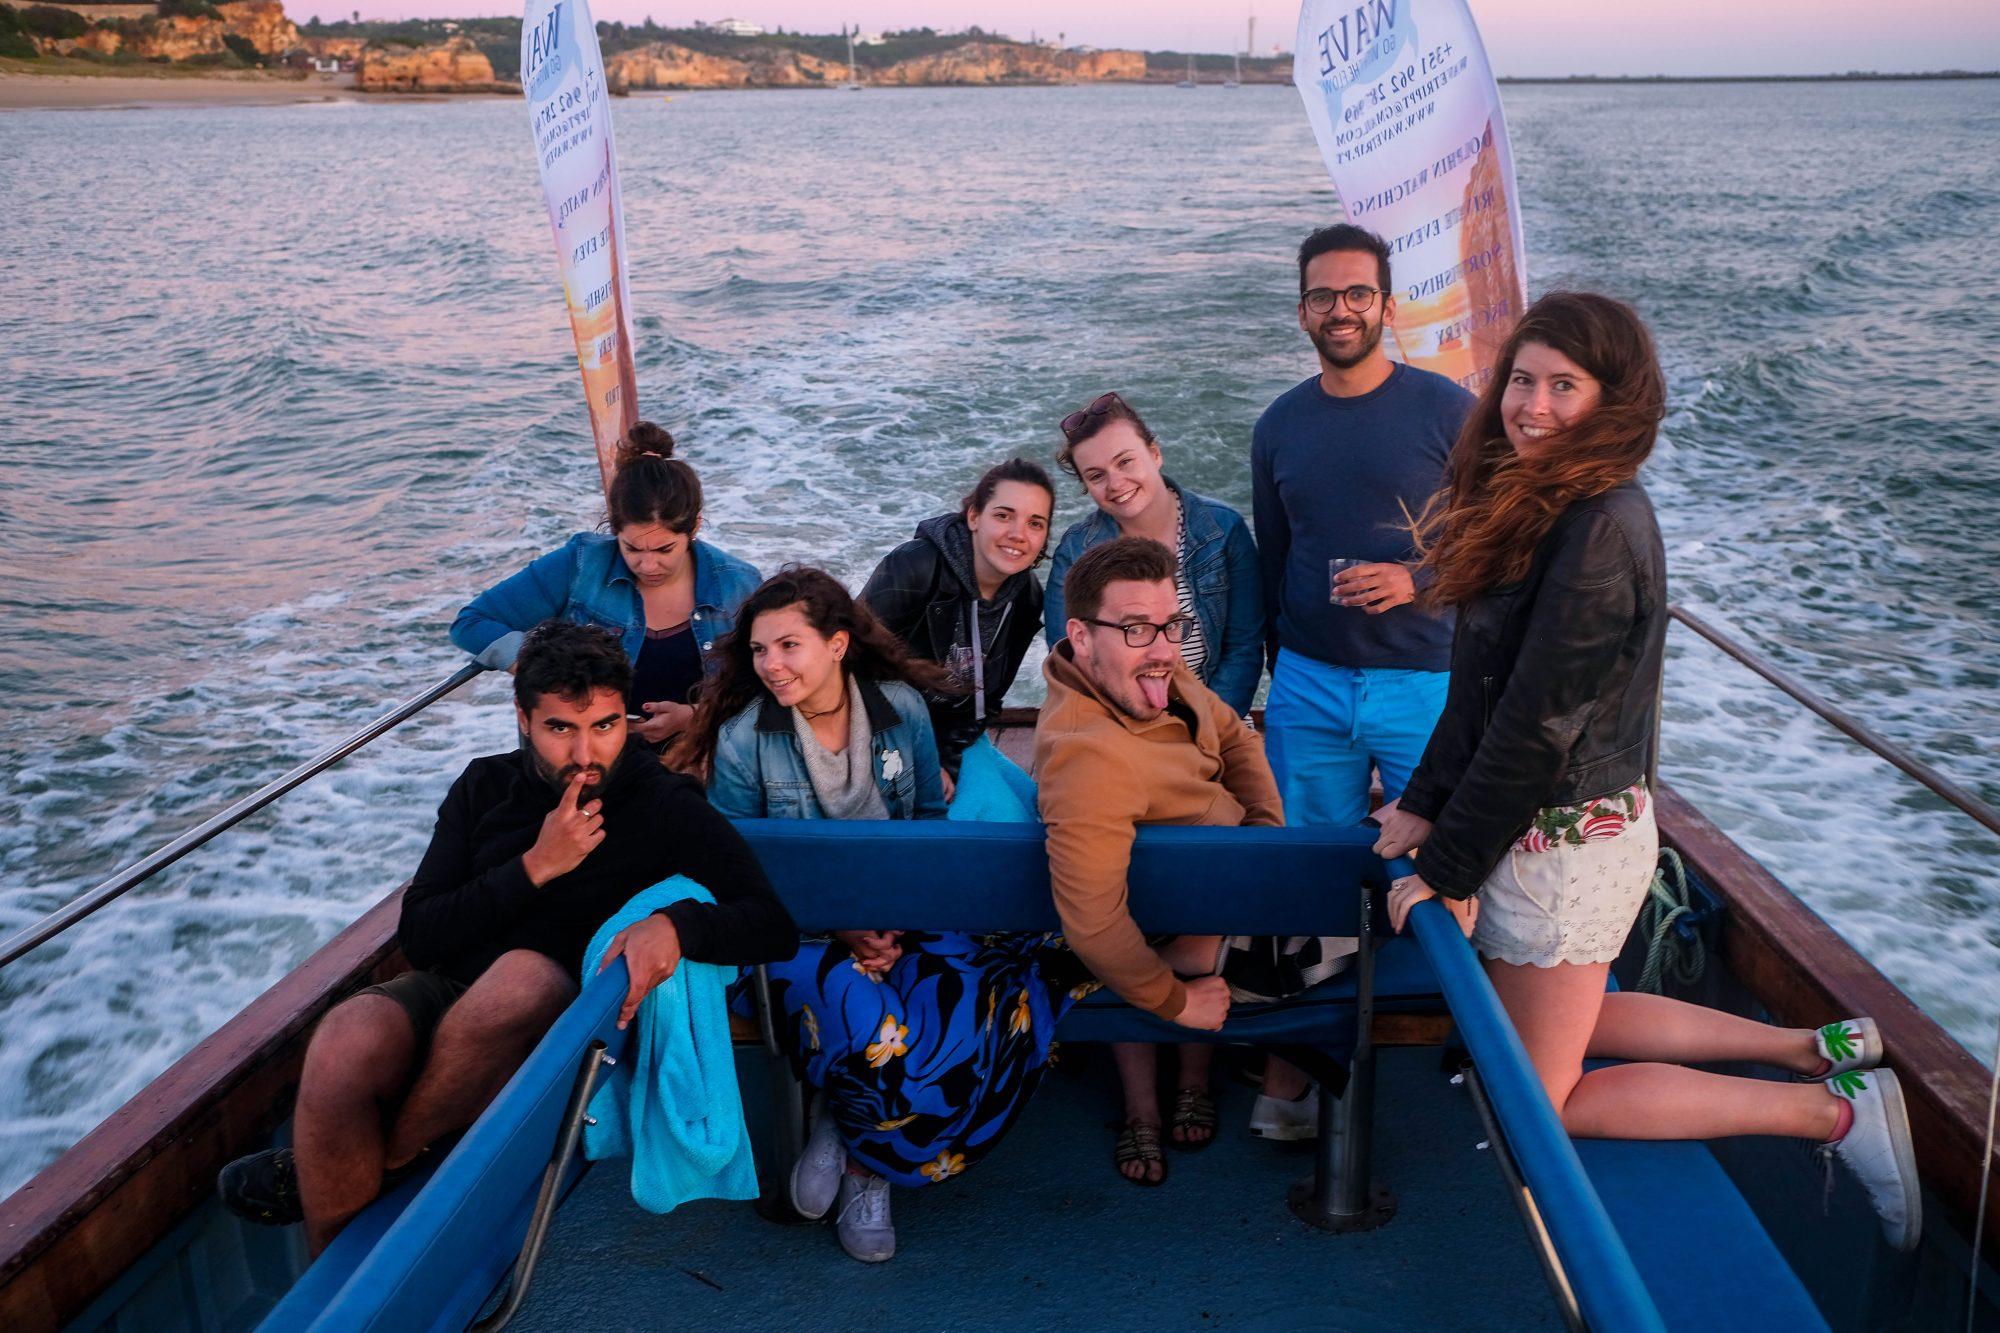 Balade en bateau - portimao Algarve